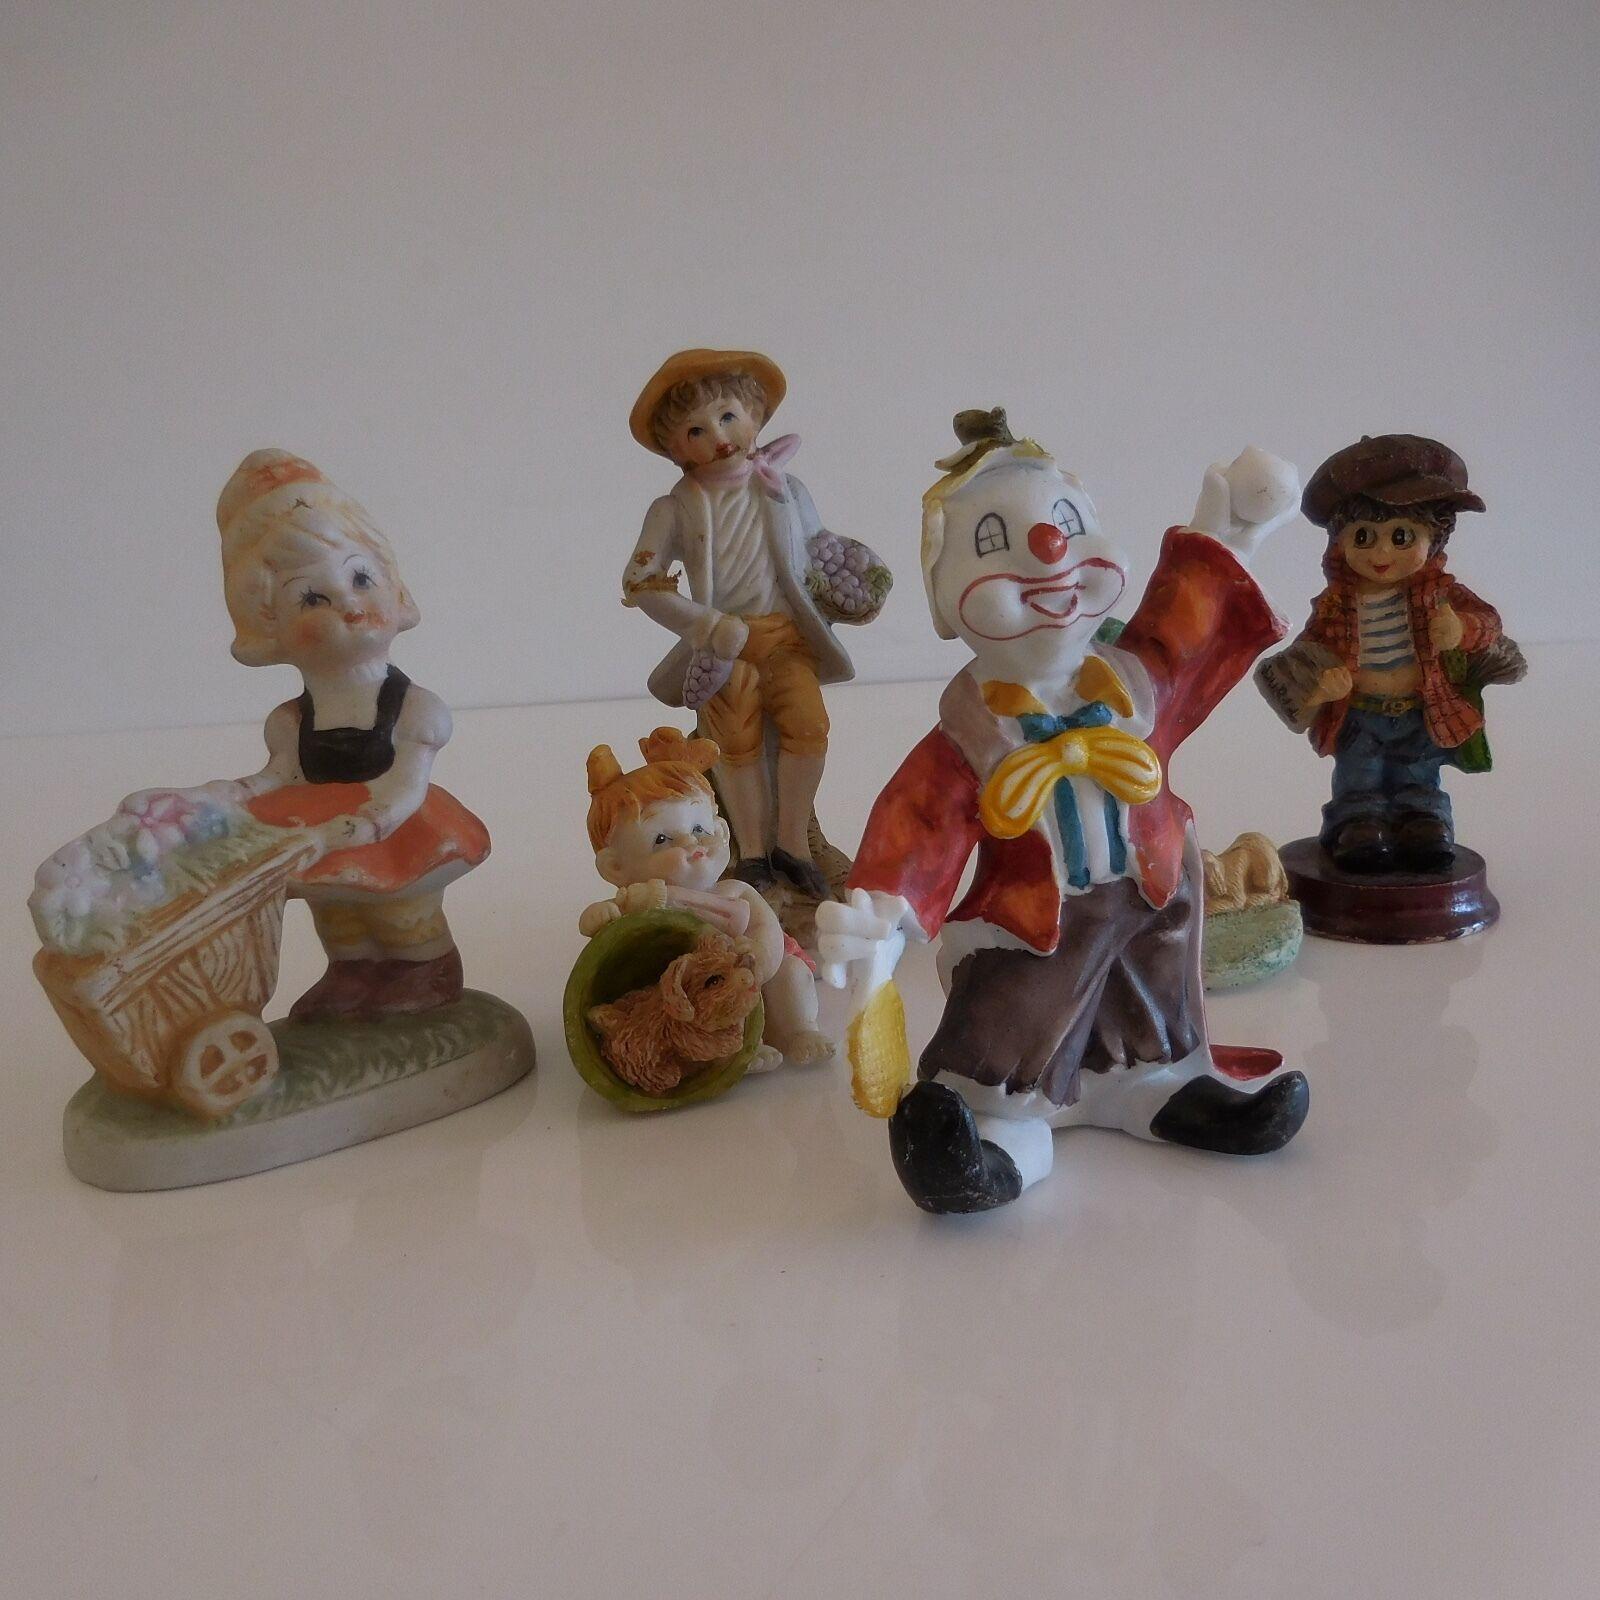 6 Figuras Personajes Cerámica Resina Vintage Art Decoración Diseño Xx Pn Francia